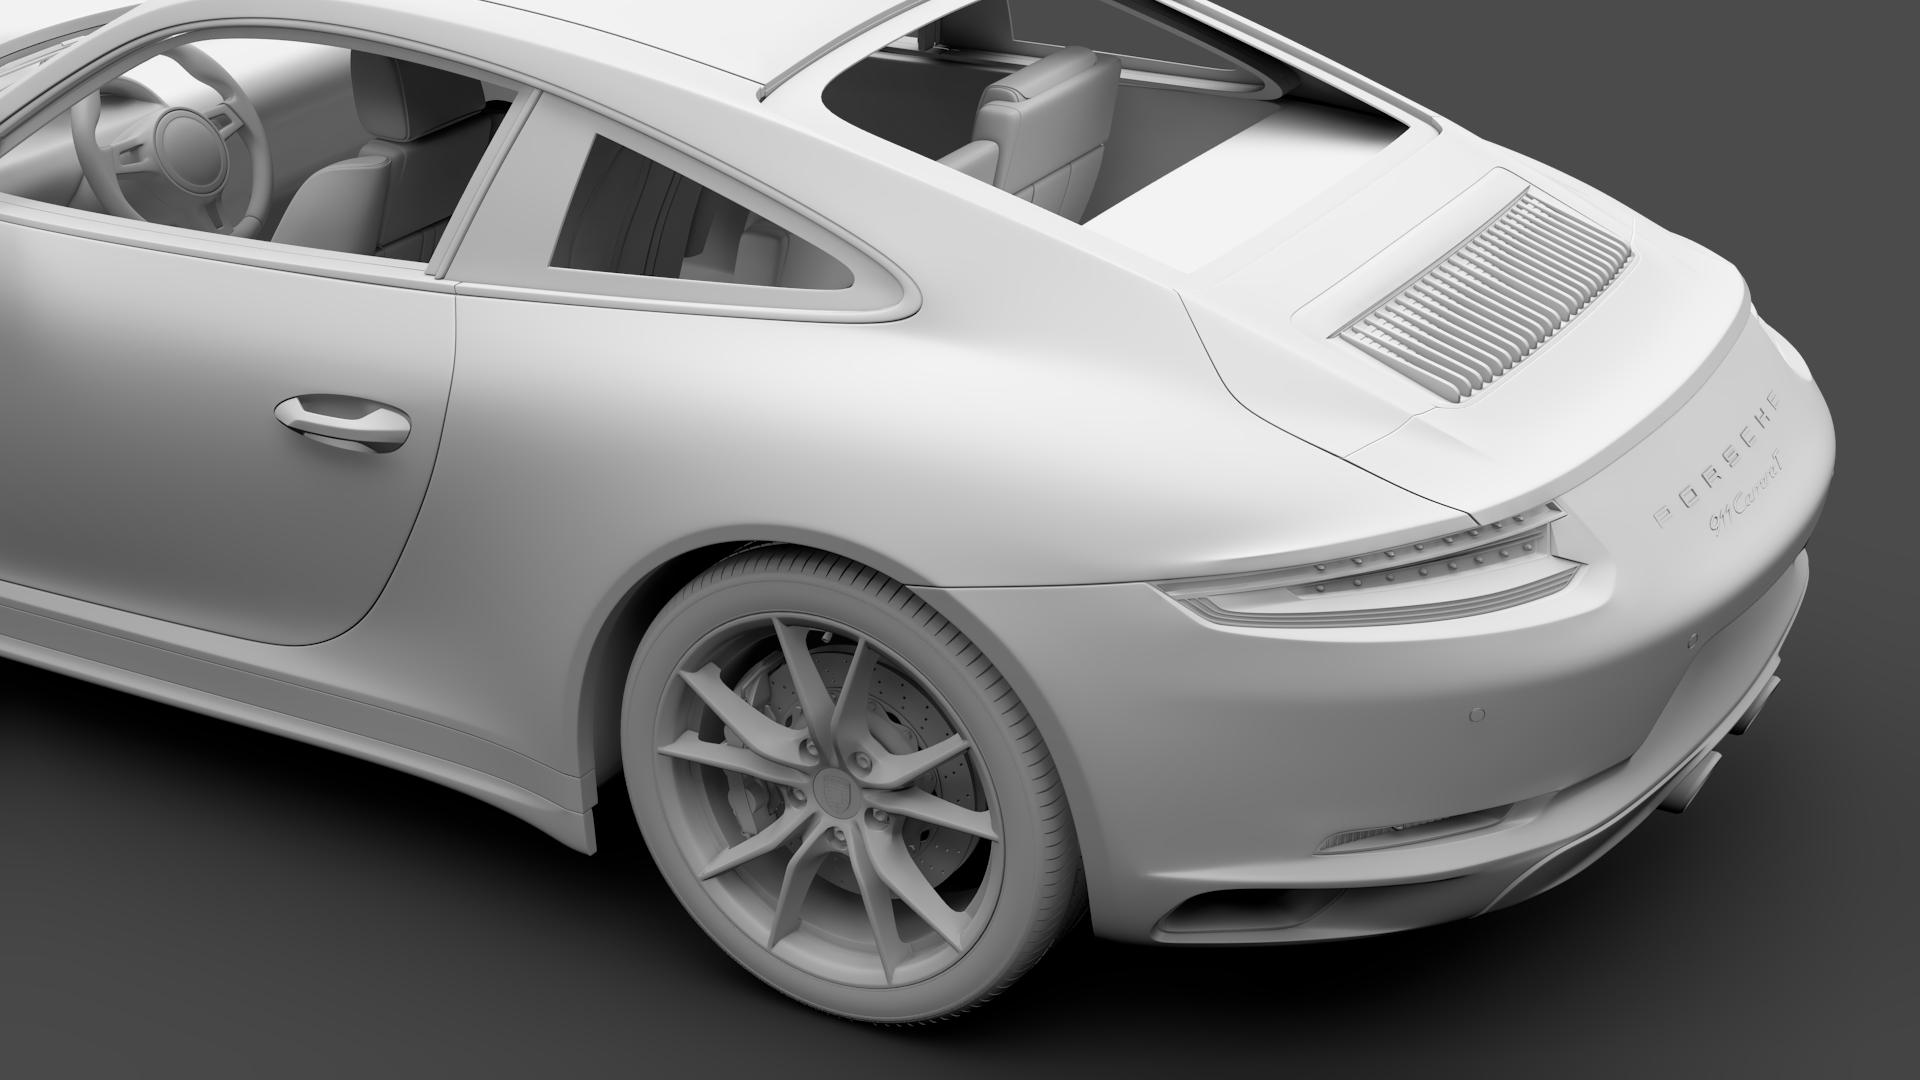 porsche 911 carrera t coupe (991) 2018 3d model max fbx c4d lwo ma mb hrc xsi obj 278976